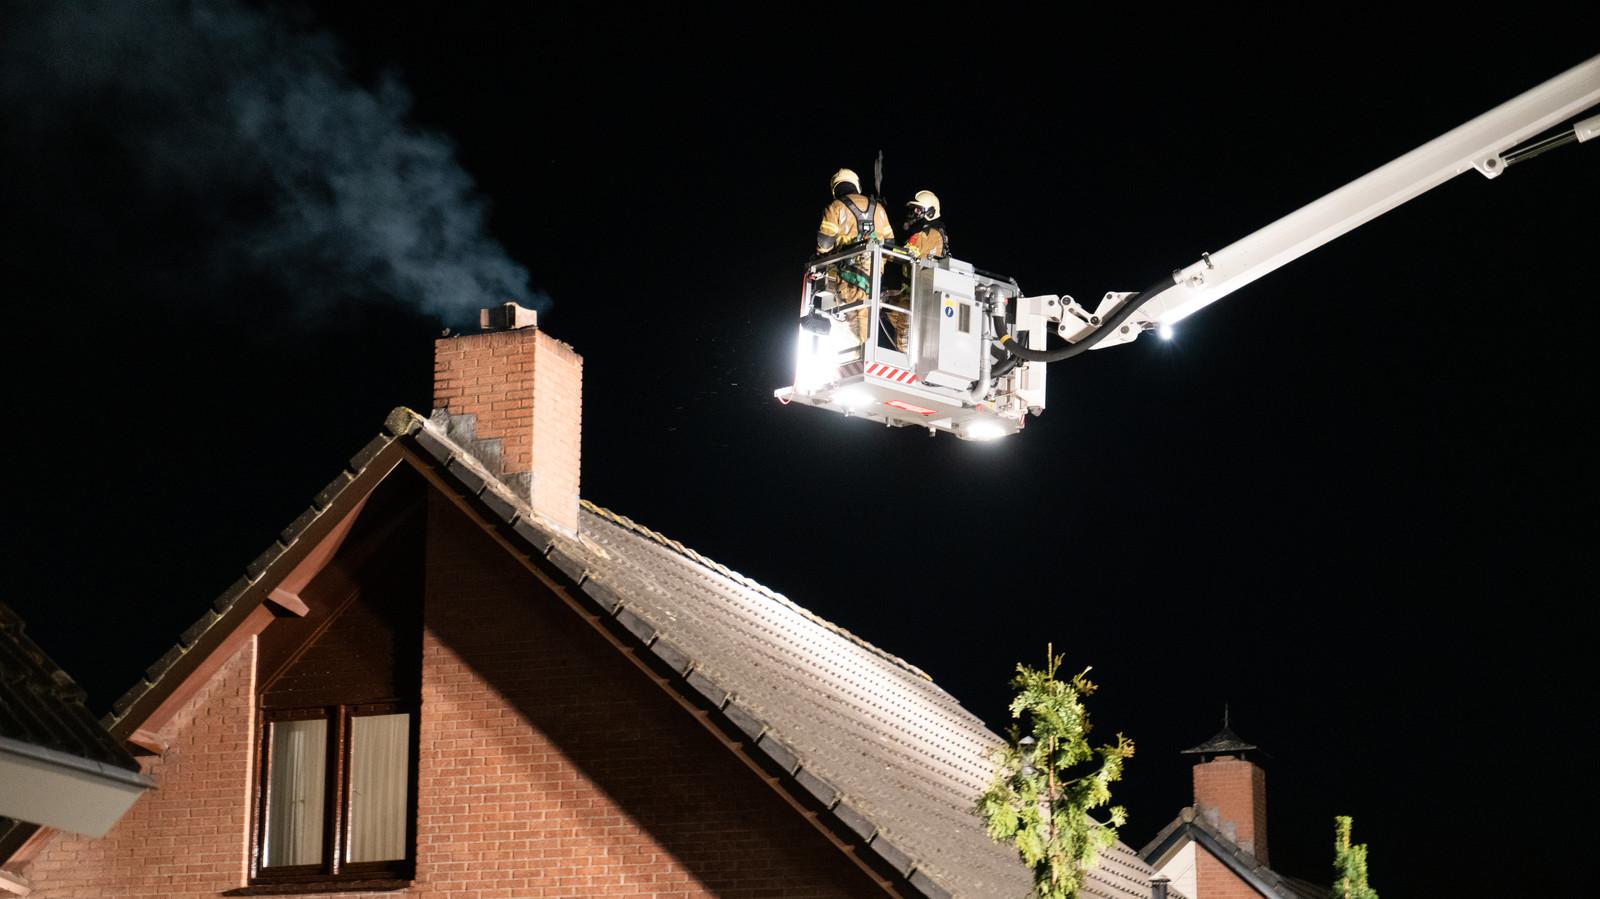 In de woning bleek een schoorsteenbrand te zijn ontstaan.